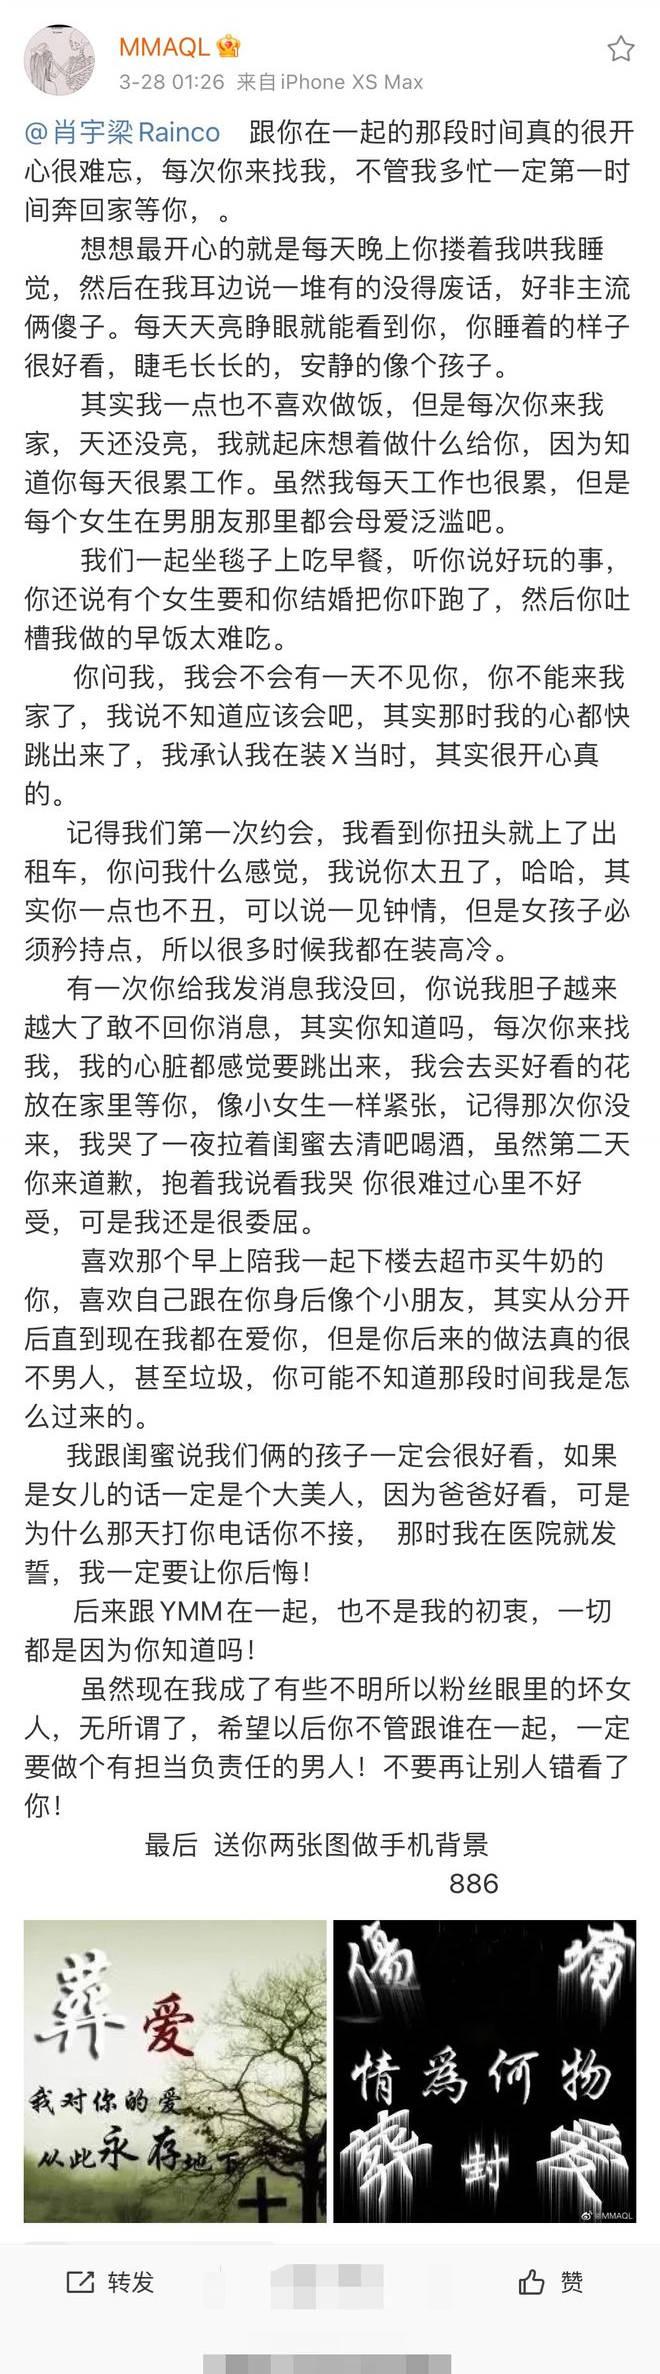 女网友再曝与肖宇梁恋爱经历 目前已将博文删除